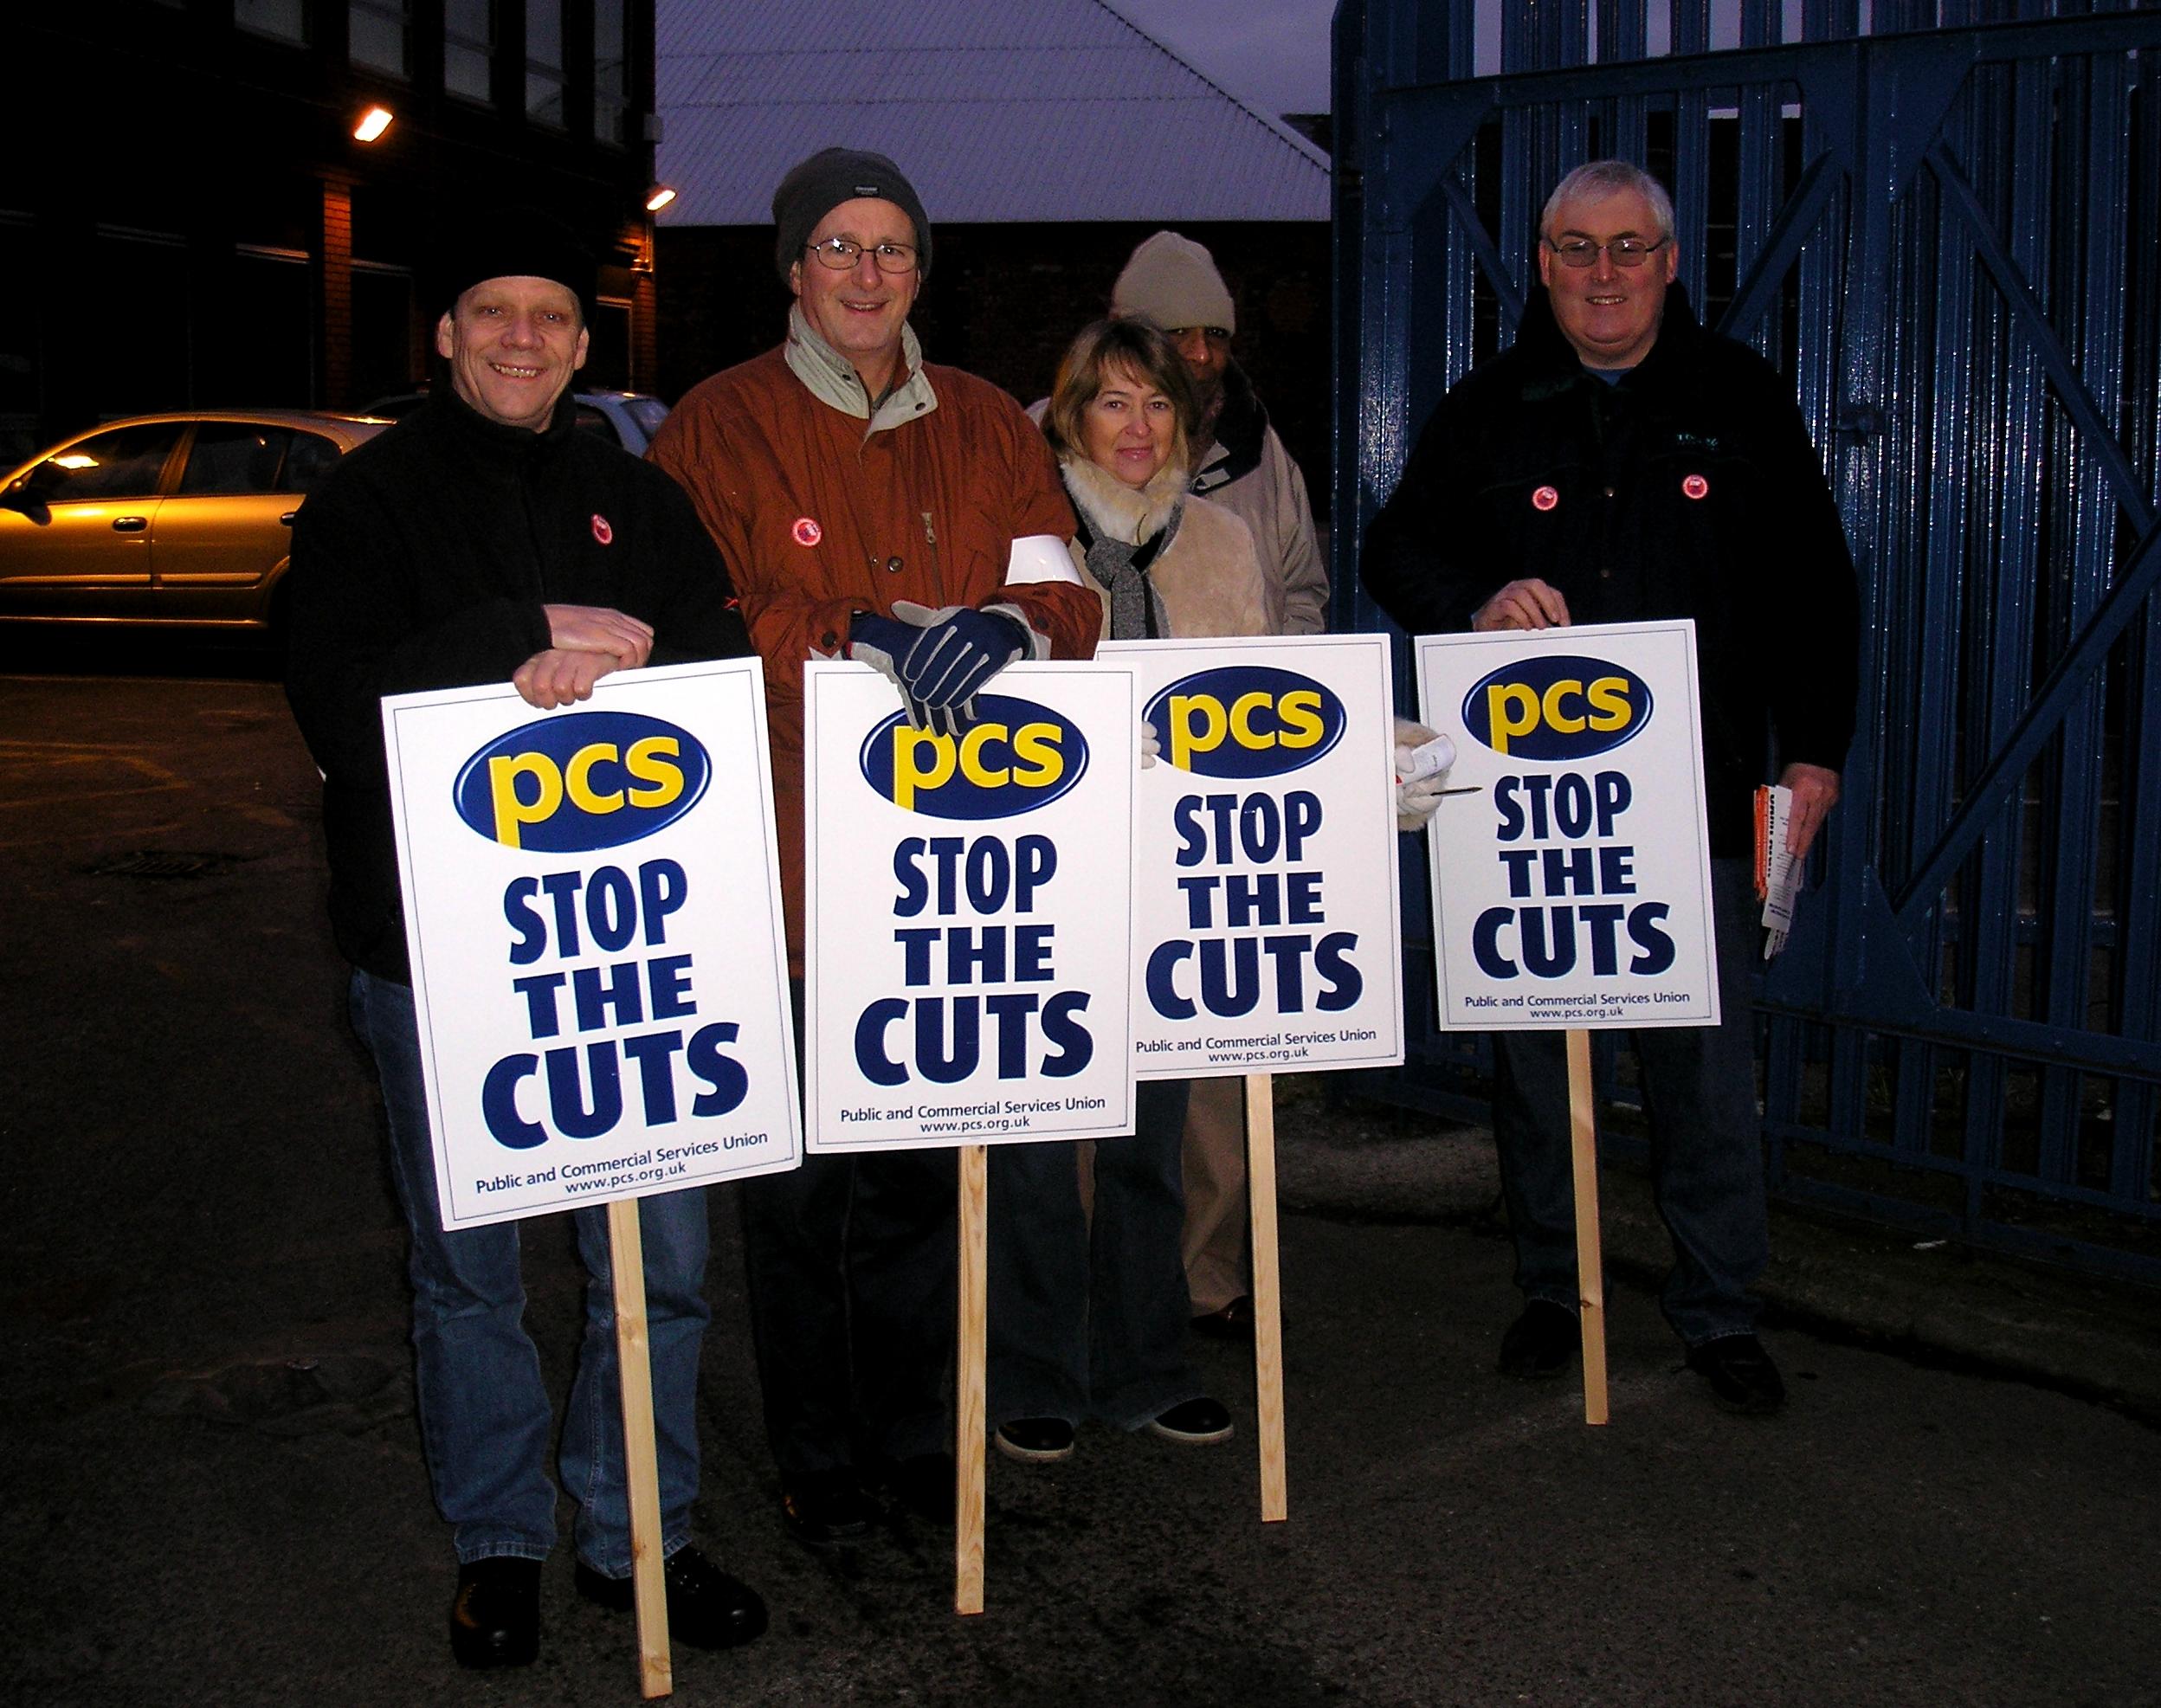 PCS members on strike in 2006.